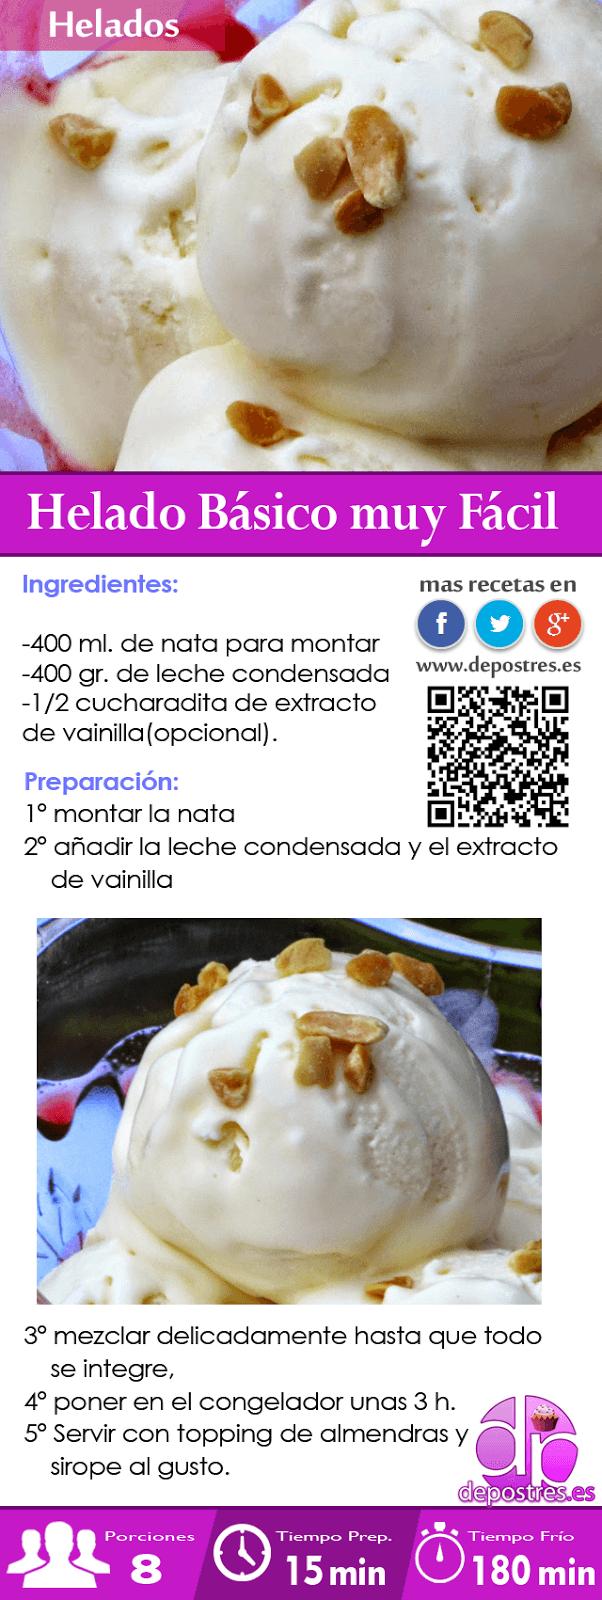 FICHA COLECCIONABLE: HELADO BASICO MUY FÁCIL